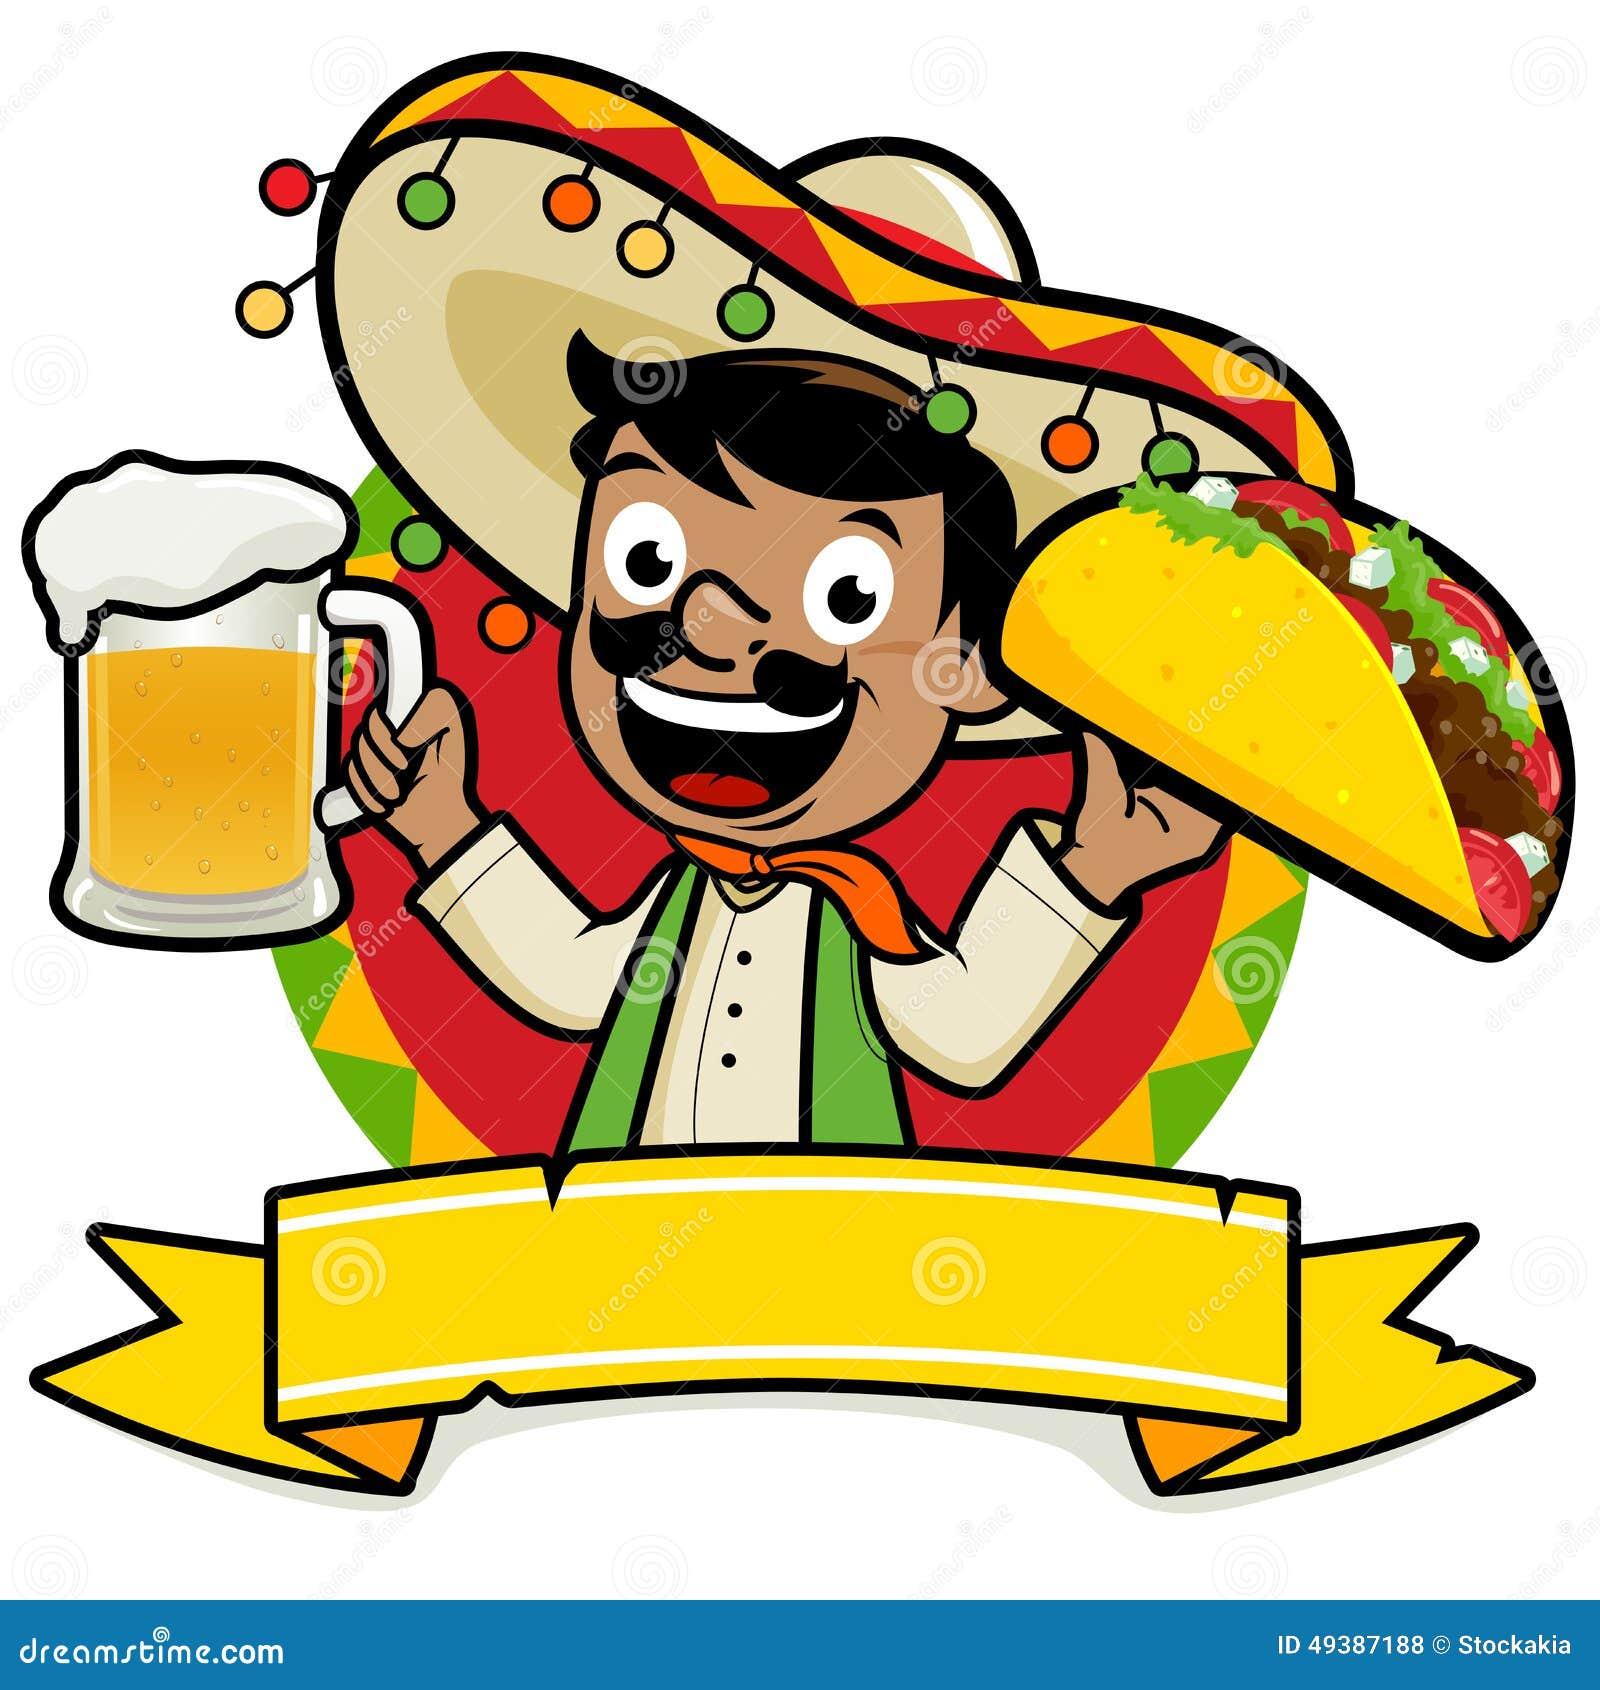 A mexican man